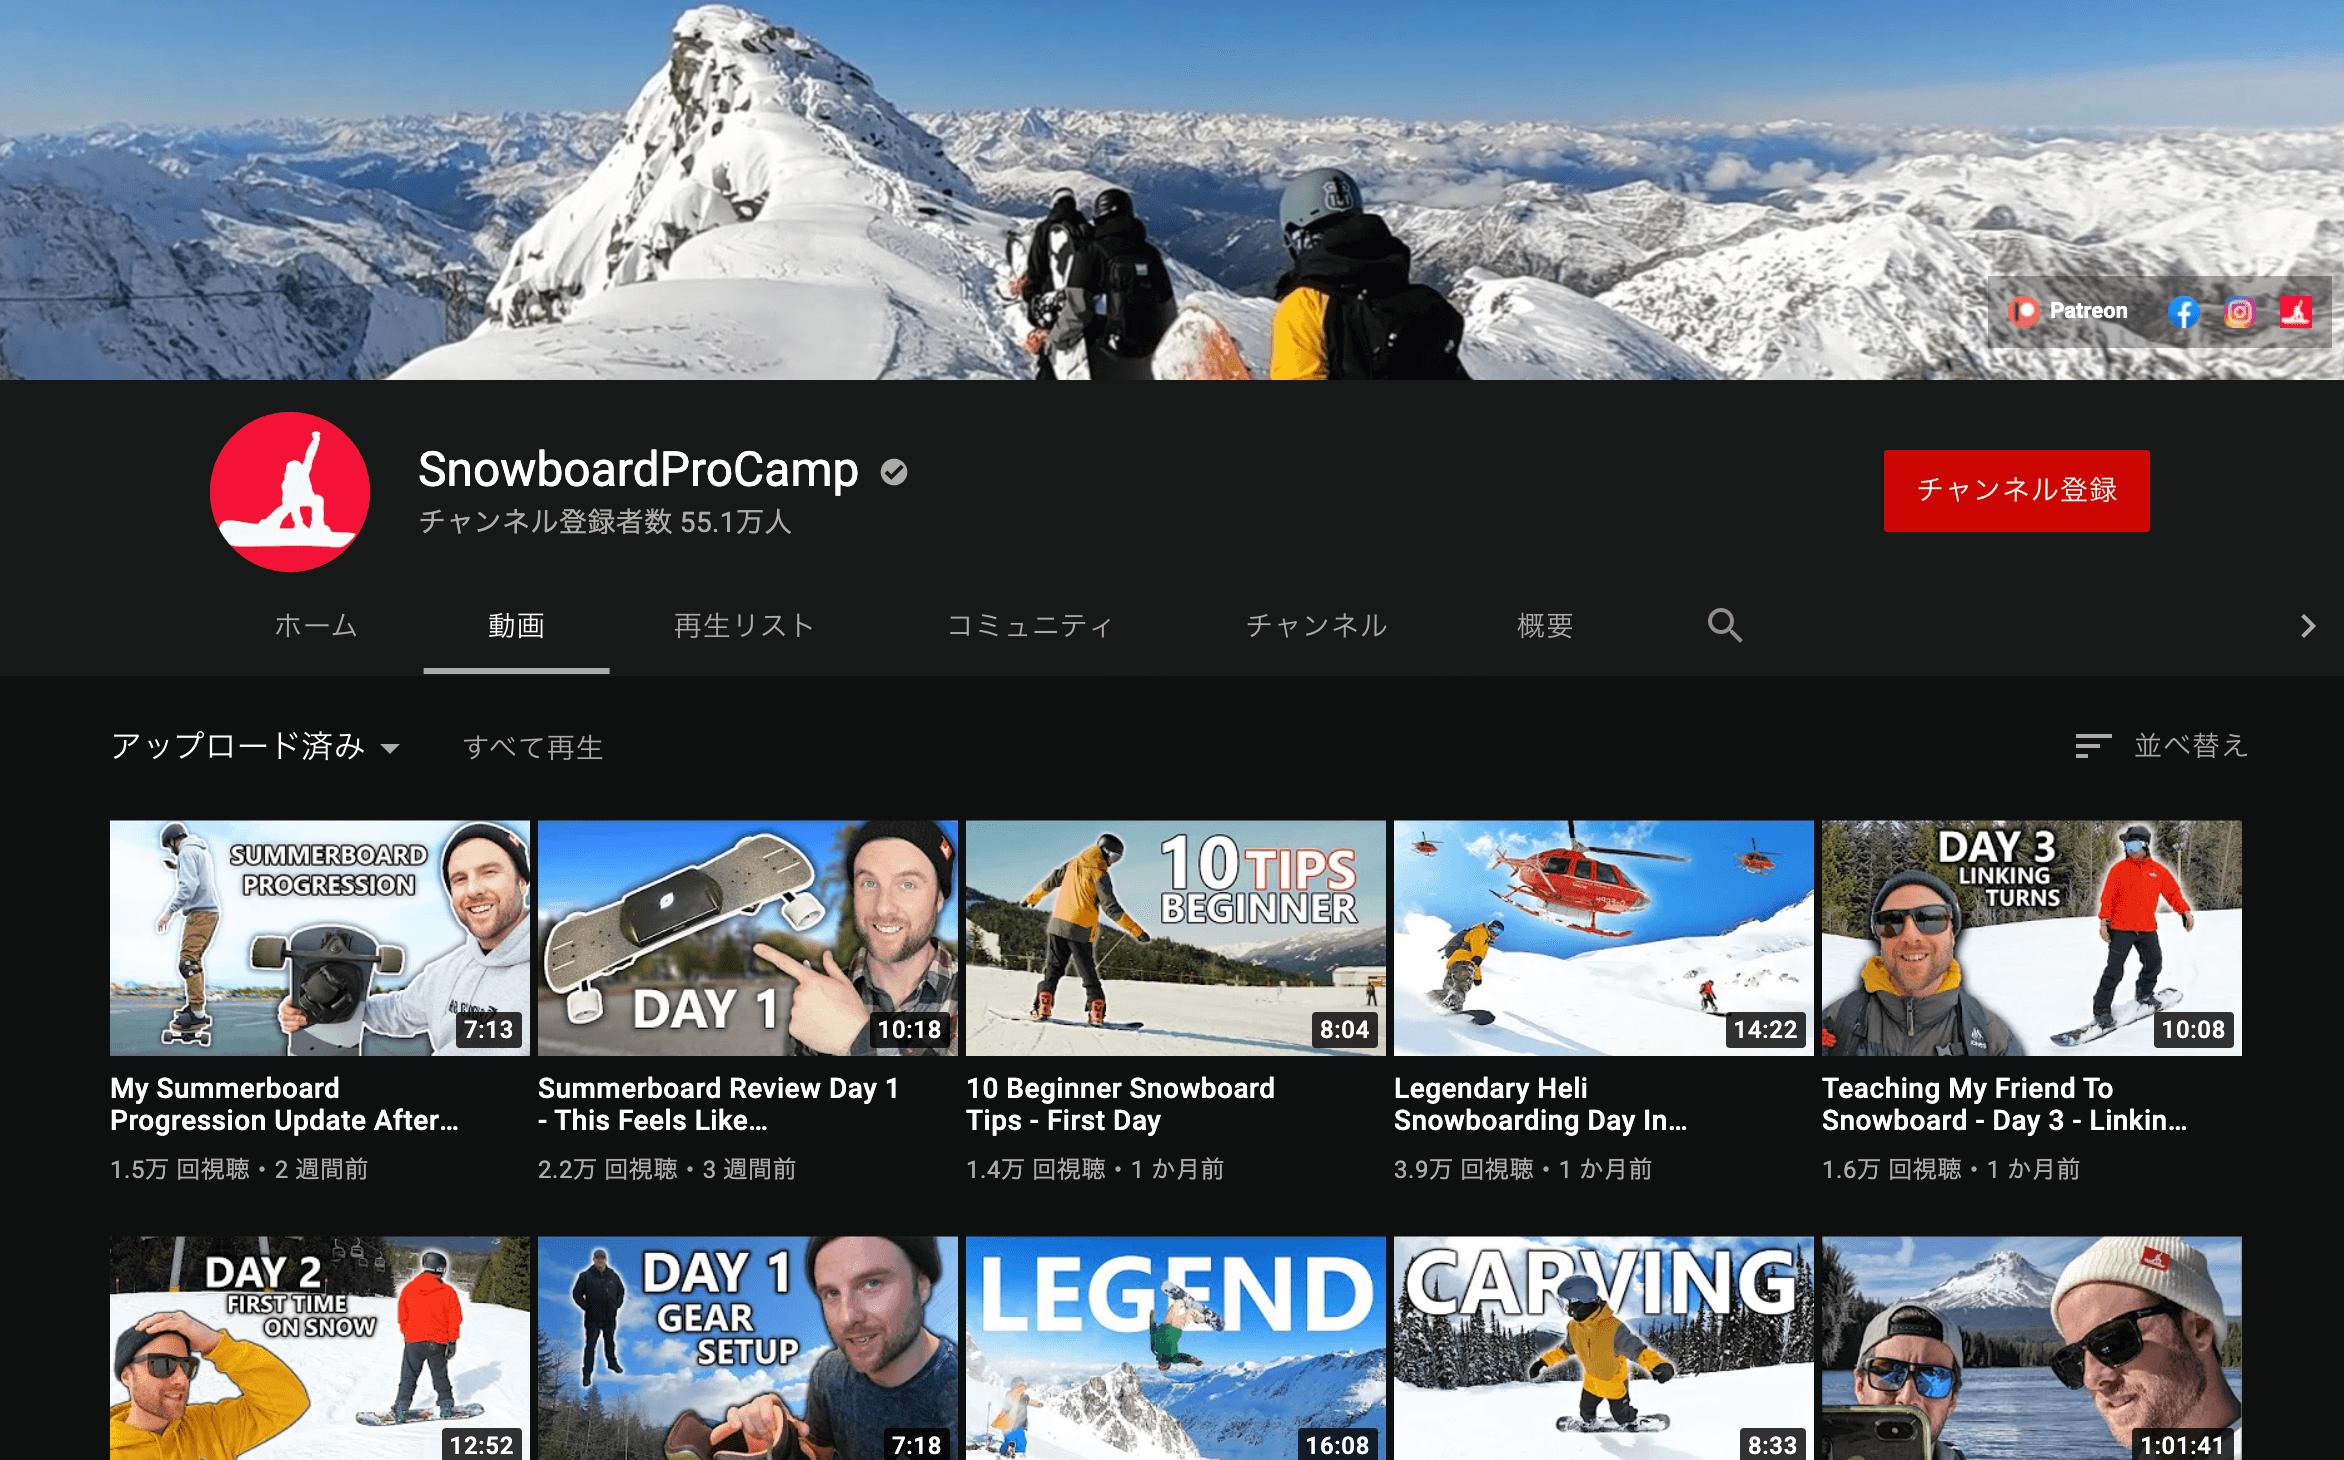 youtube_snowboard_SnowboardProCamp